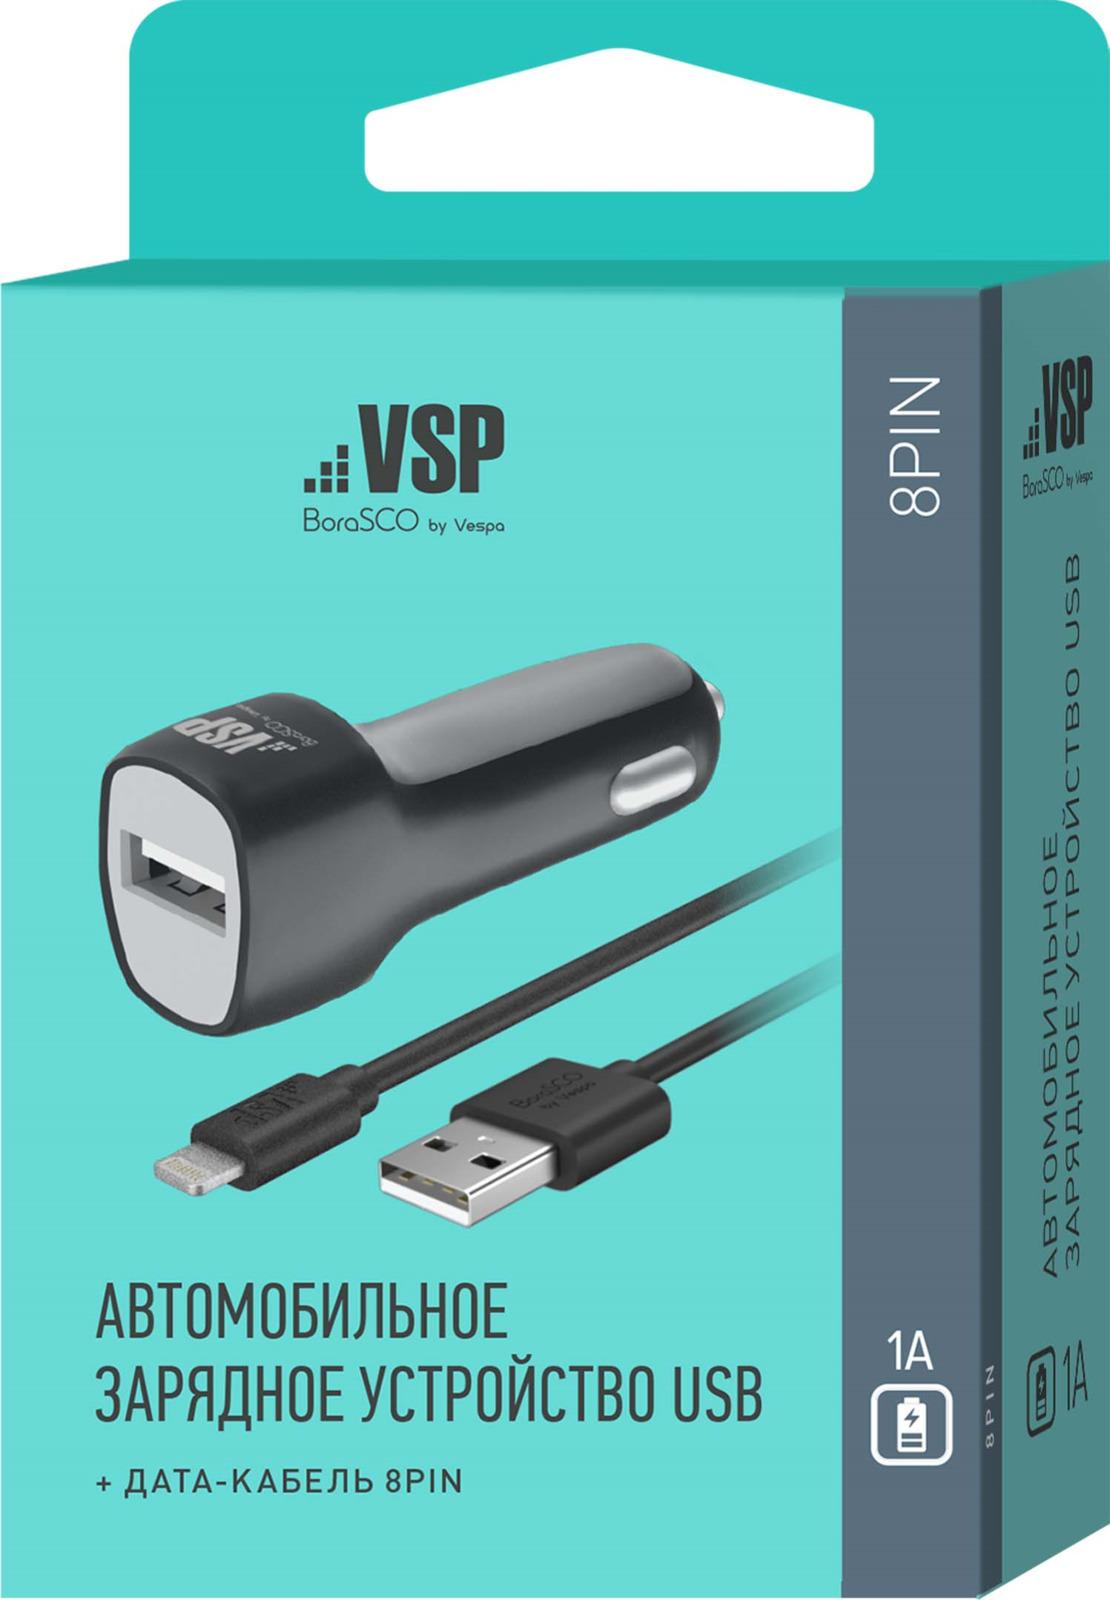 Автомобильное зарядное устройство Borasco by Vespa, 1 USB, 1 A + Дата-кабель 8 pin, 1 м, 22032, черный Borasco by Vespa